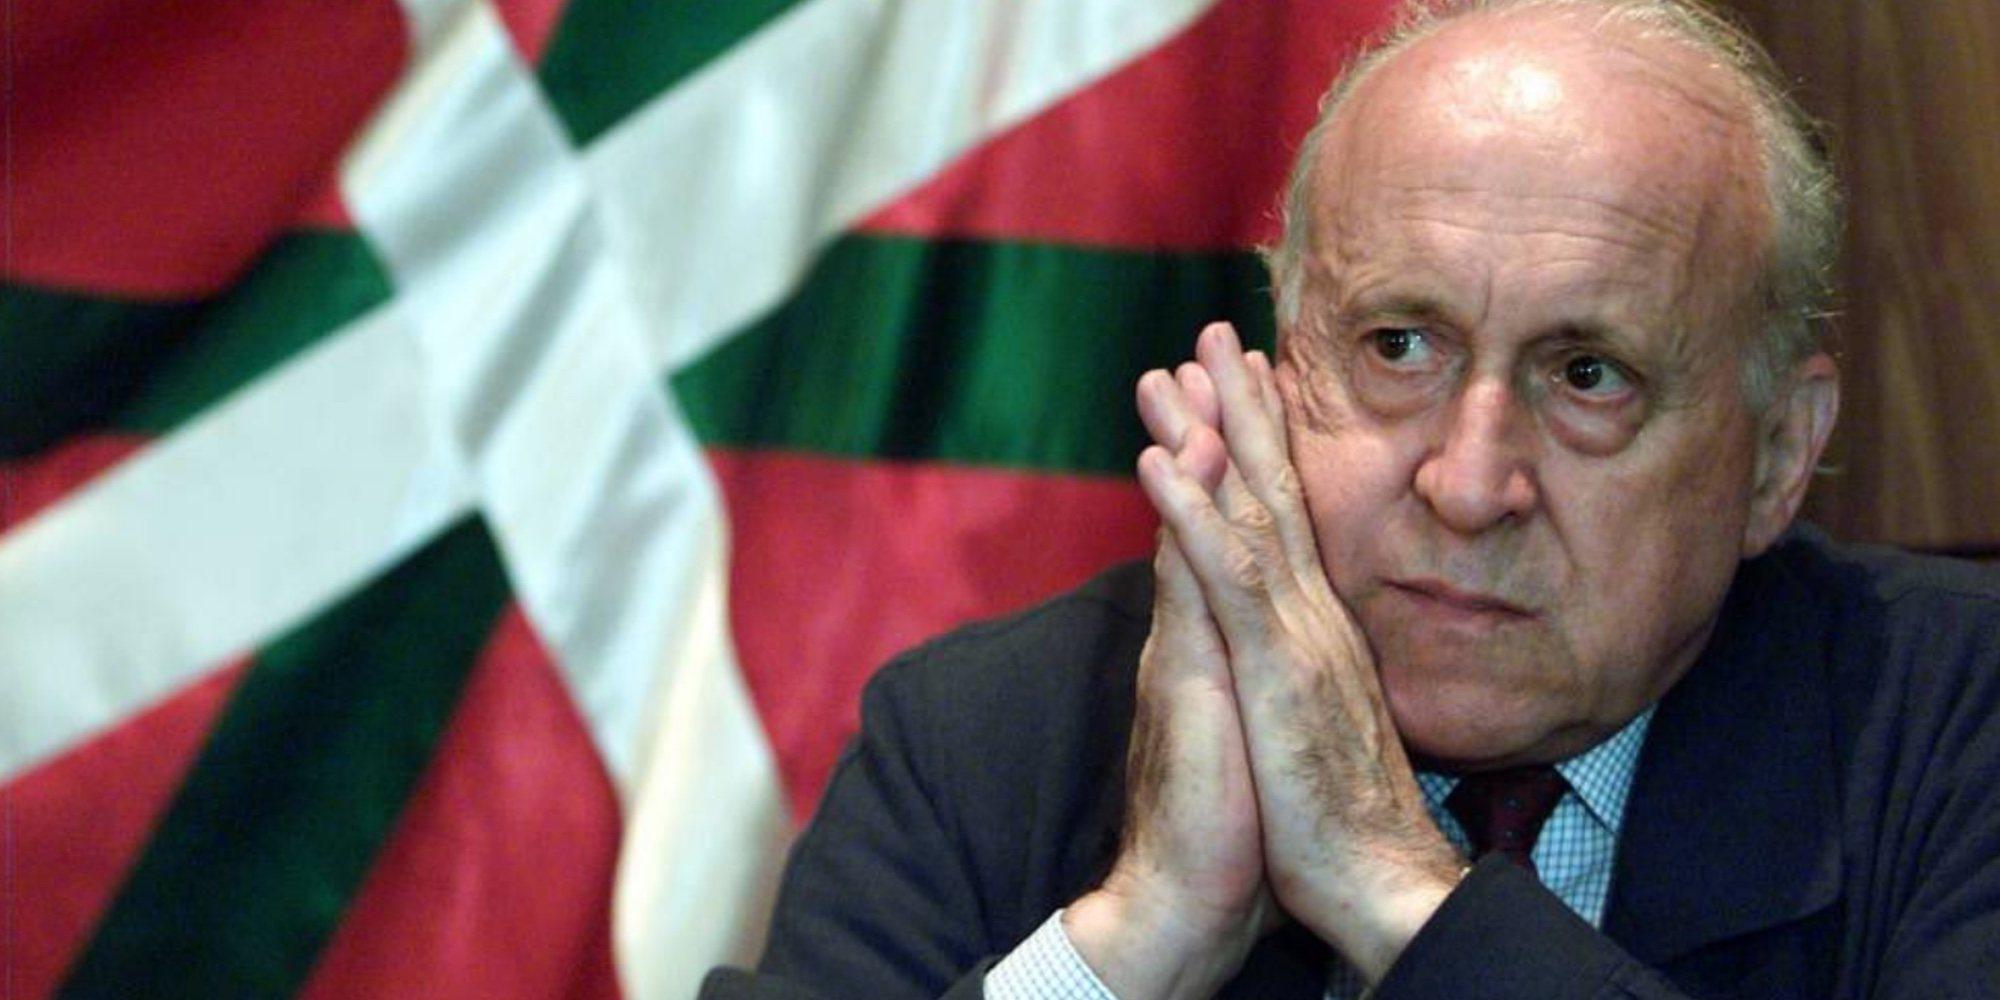 Muere Xabier Arzalluz, ex Presidente del PNV